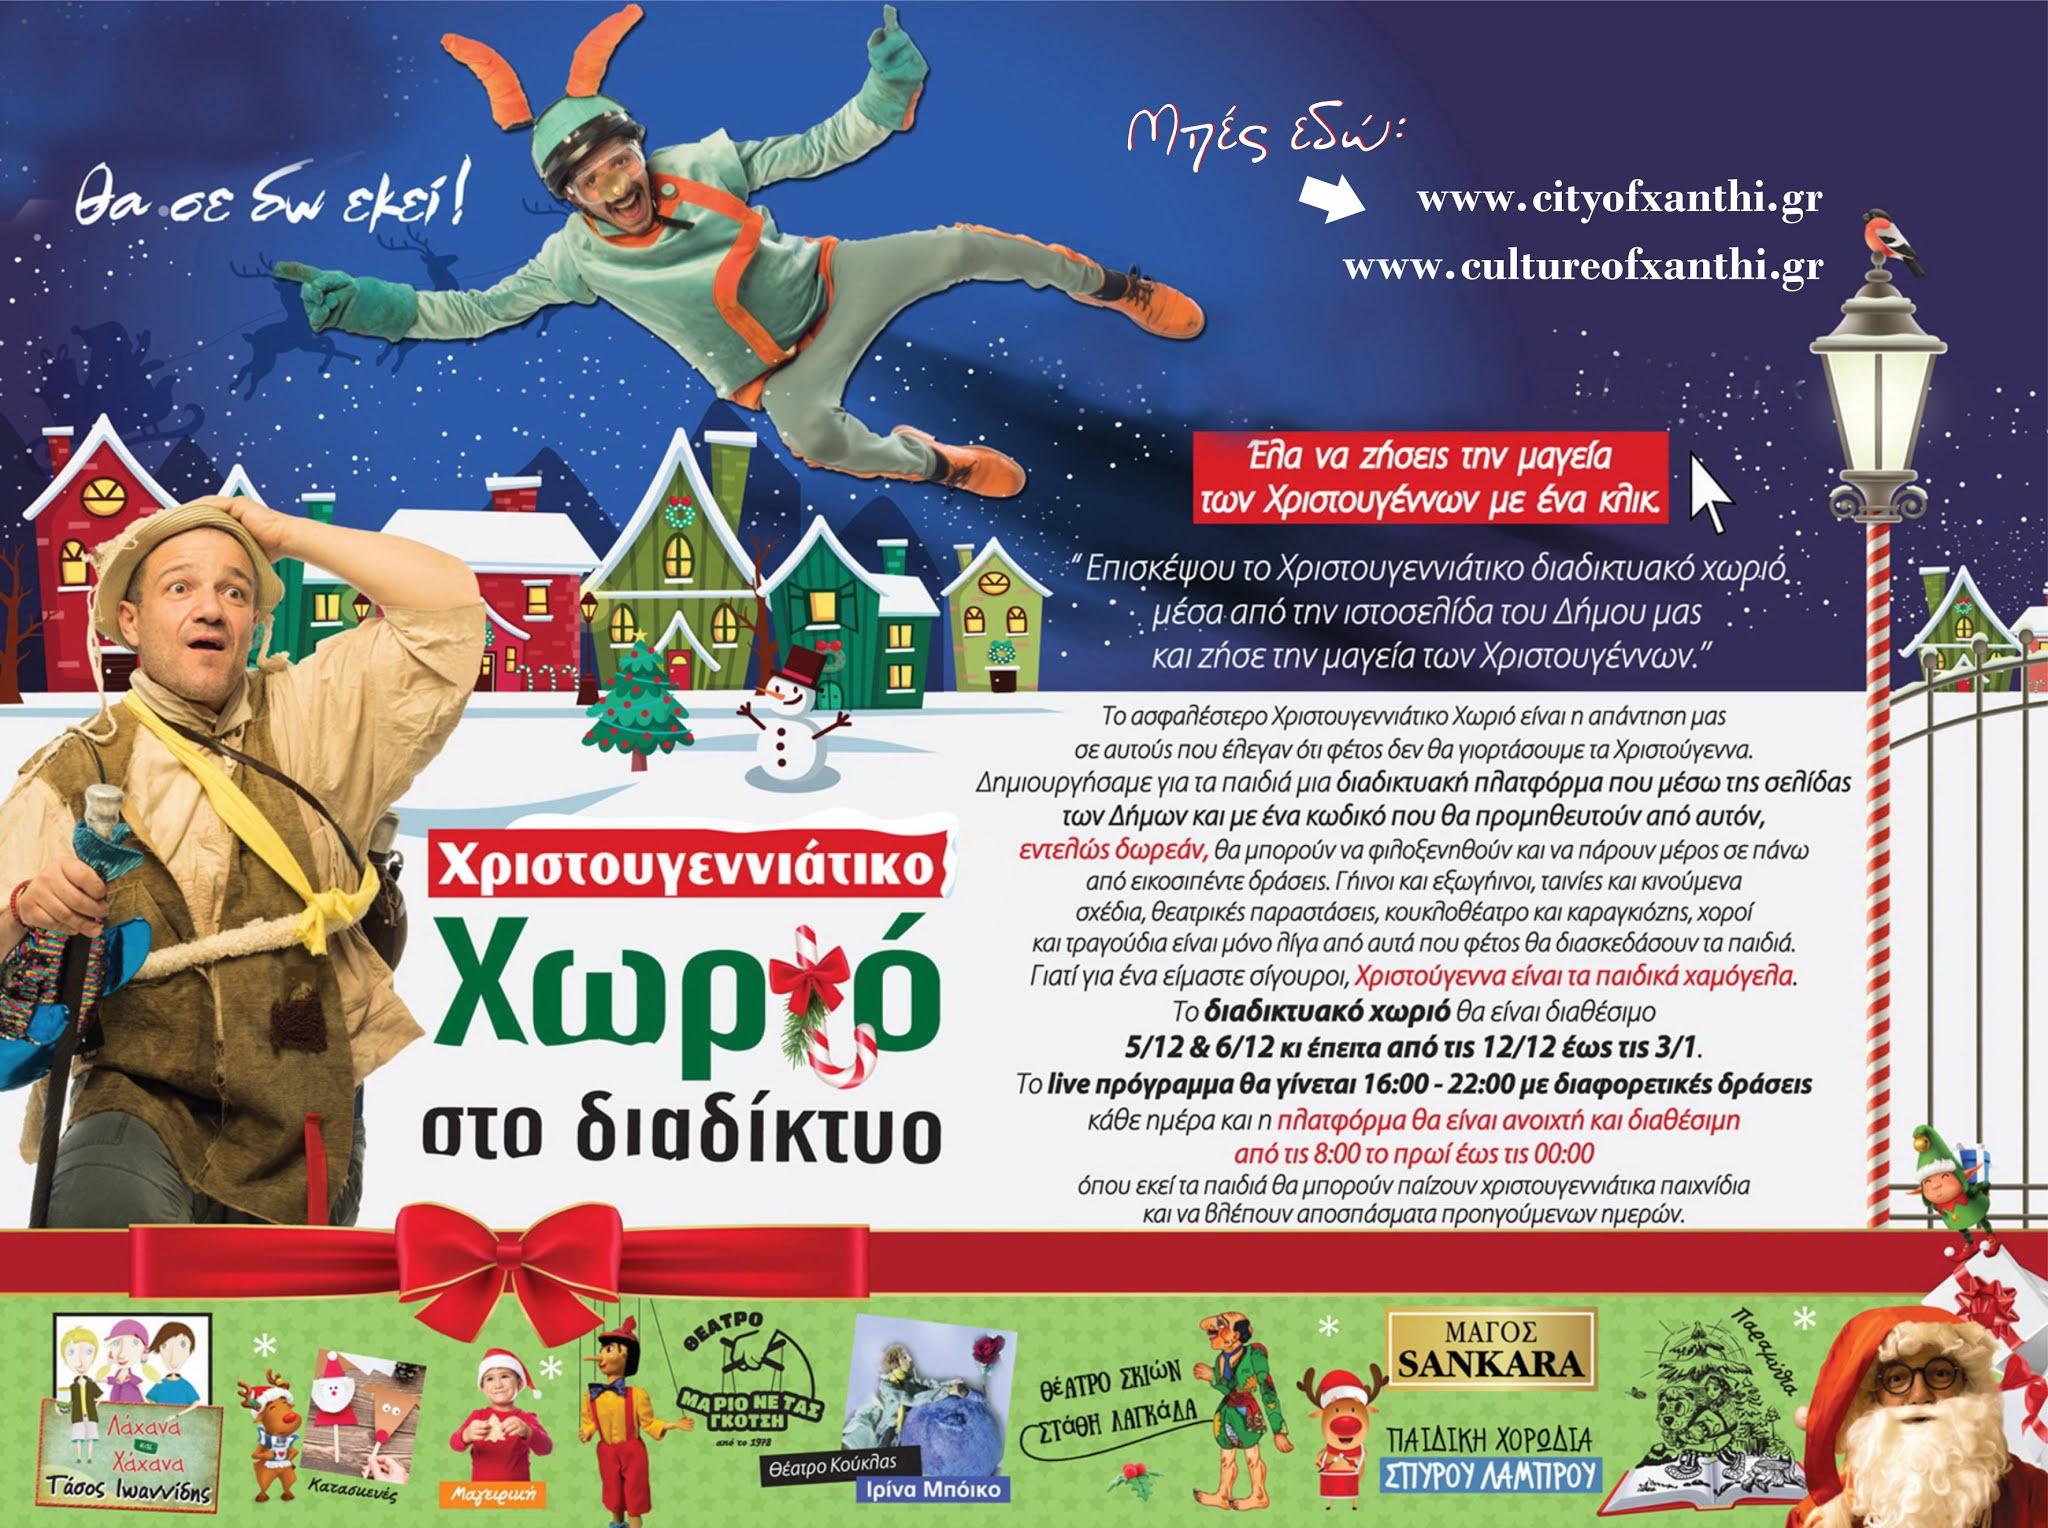 Ξάνθη: Χριστουγεννιάτικο διαδικτυακό χωριό – Δείτε online